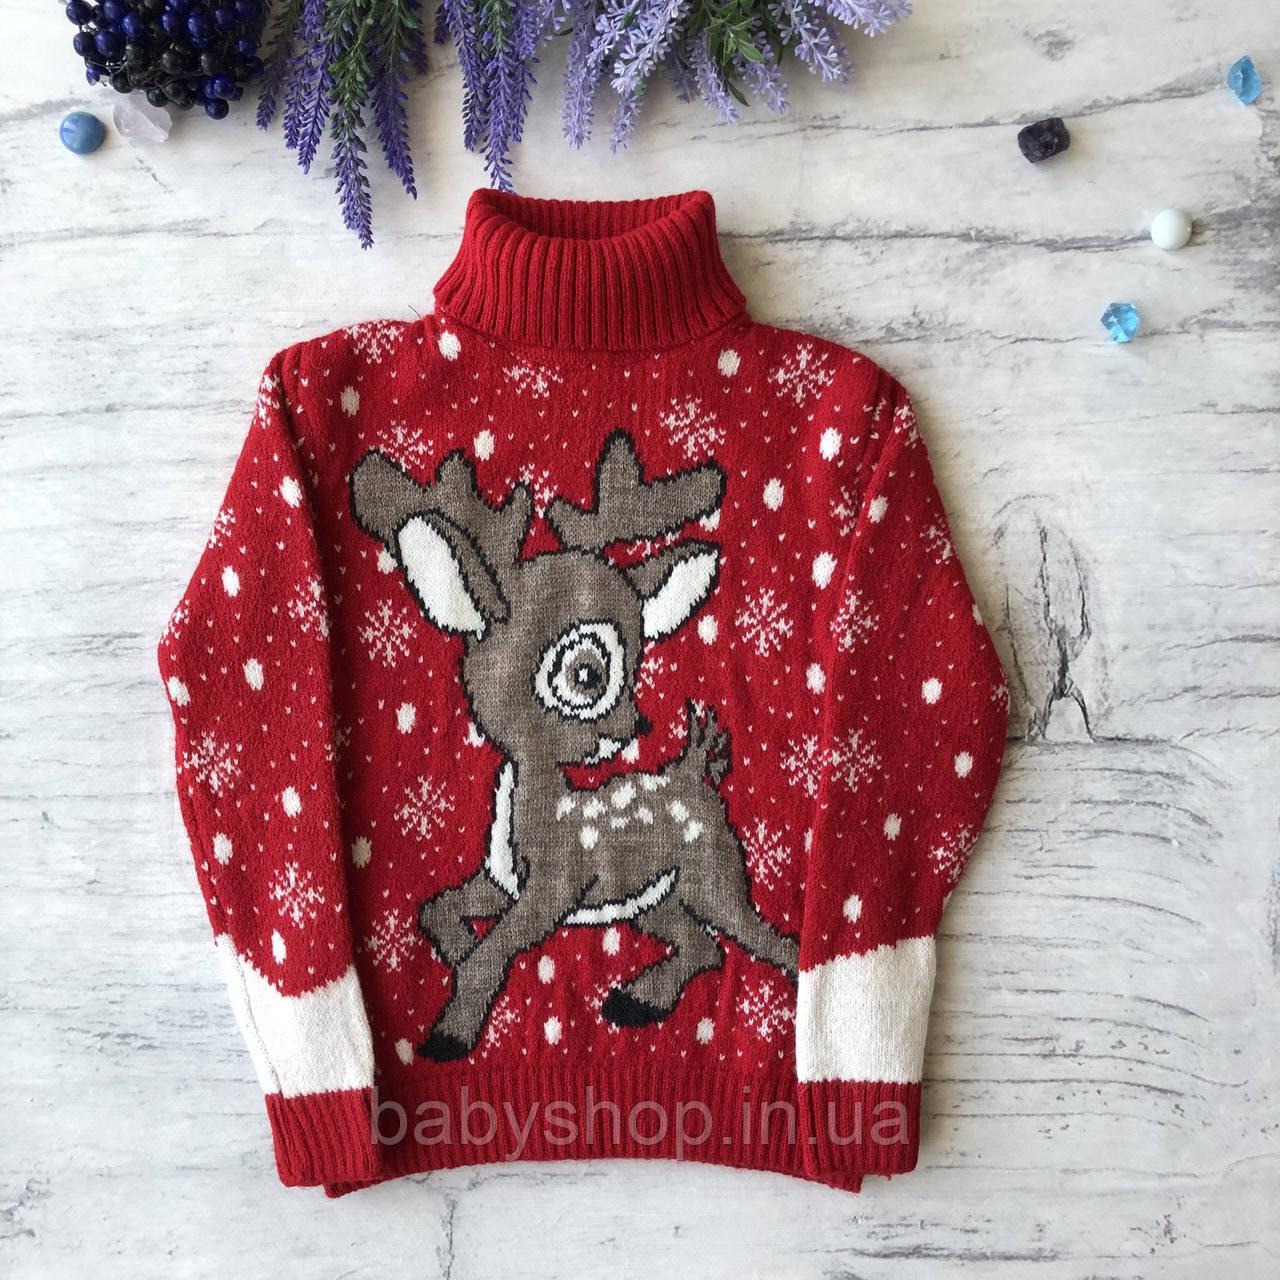 Теплый новогодний свитер на мальчика 7. Размер 3 года, 4 года, 5 лет, 6 лет